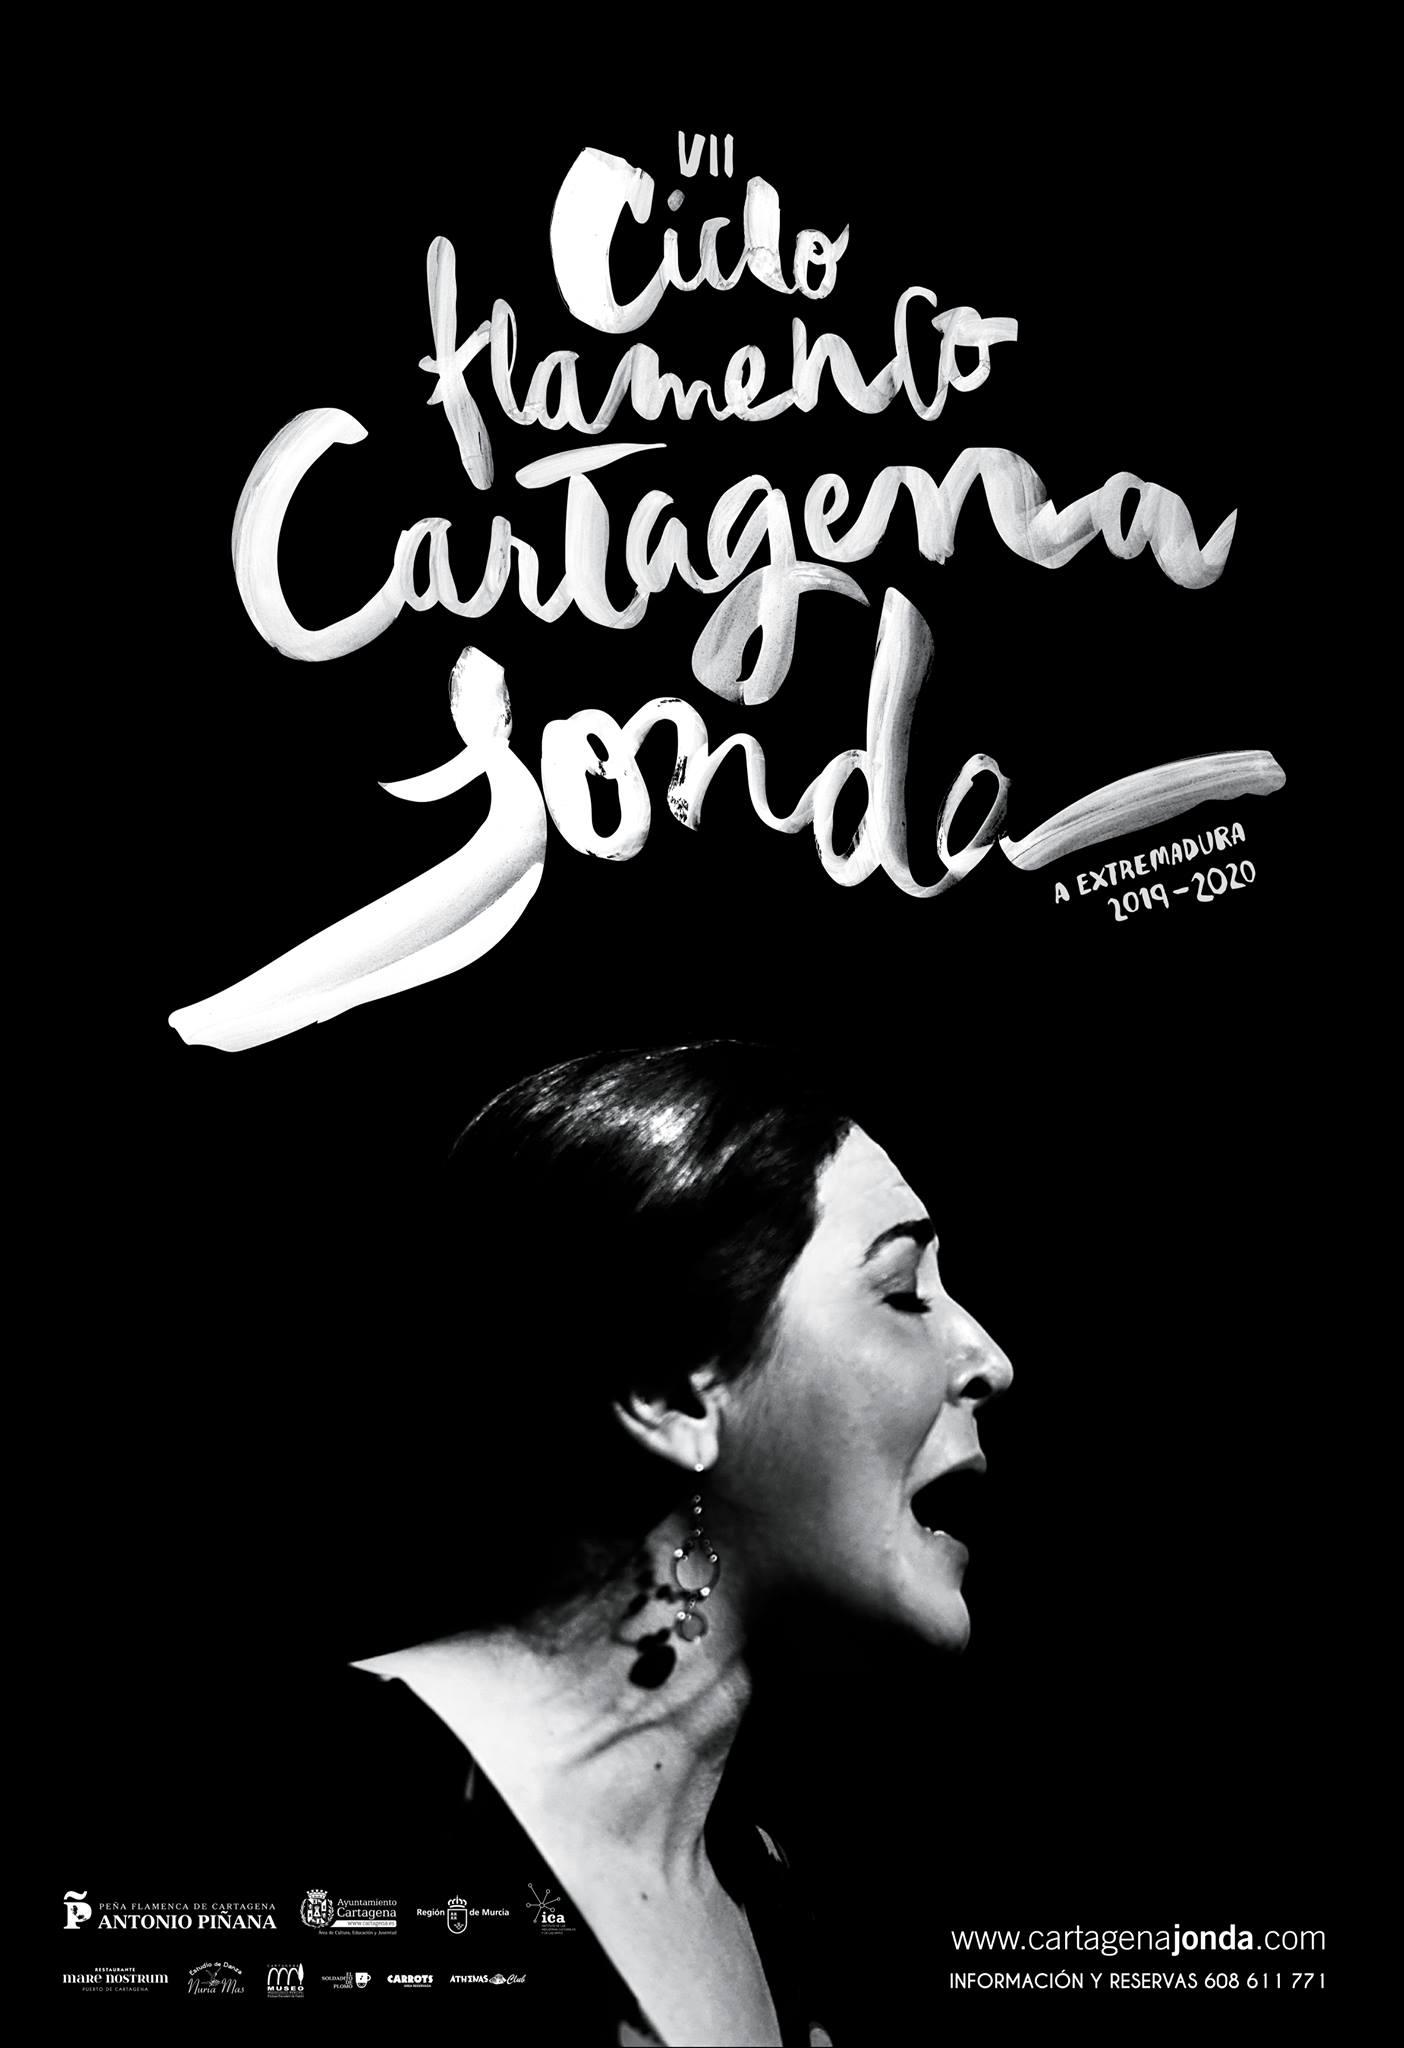 Cartagena Jonda